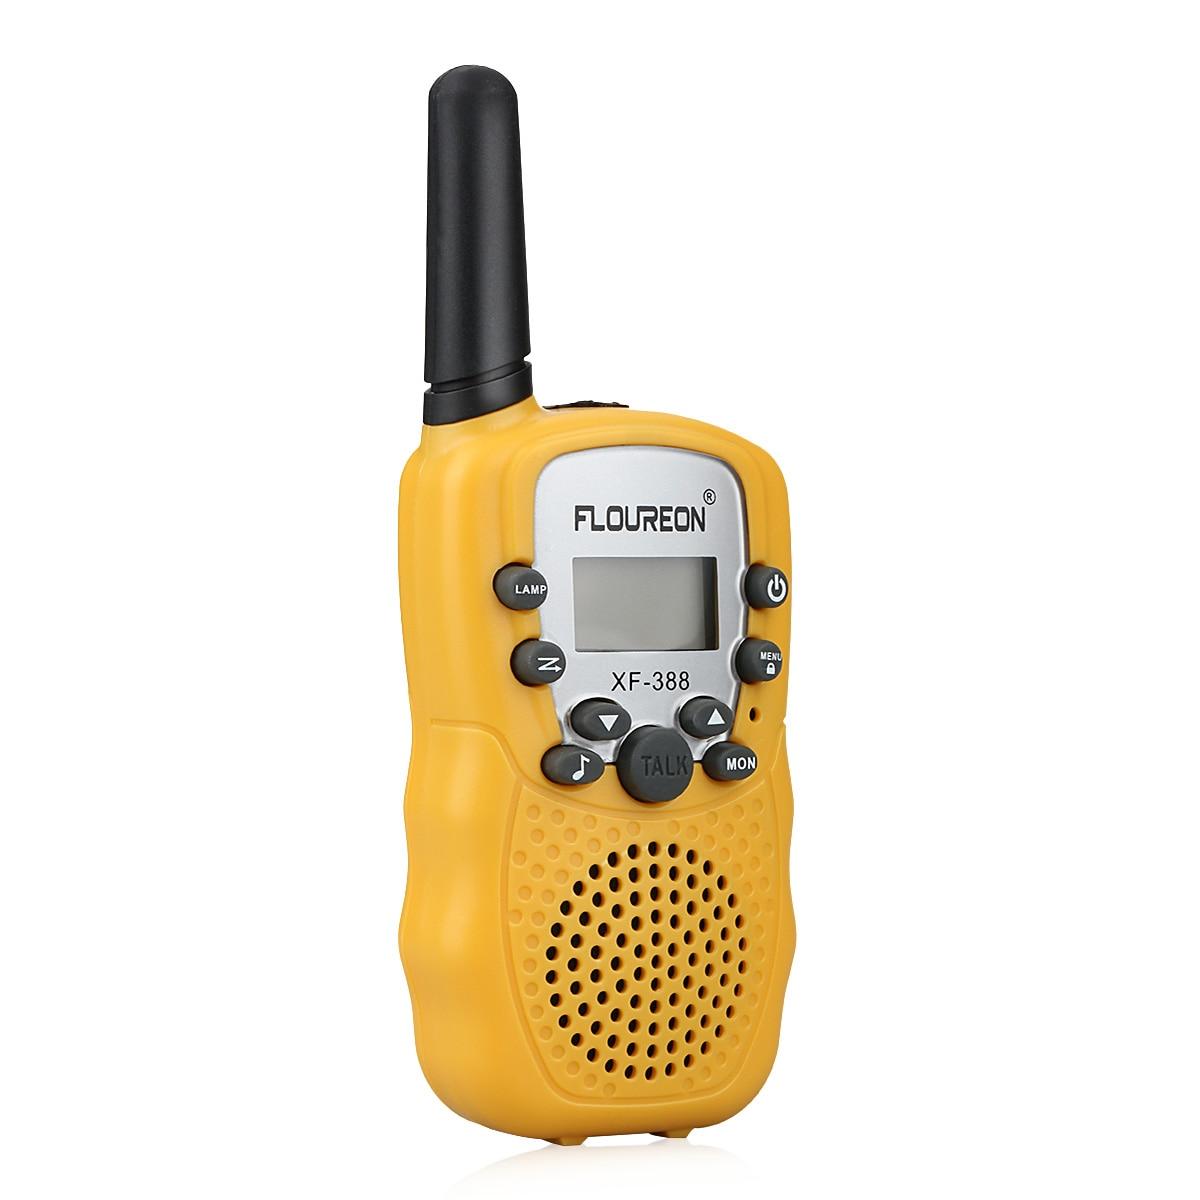 Floureon 1 Para 8 Kanal Walkie Talkies Uhf400-470mhz Lcd Display Amateur Zwei-weg Radio Schwarz Mini Kinder Radio Retevis Türsprechstelle Sicherheit & Schutz